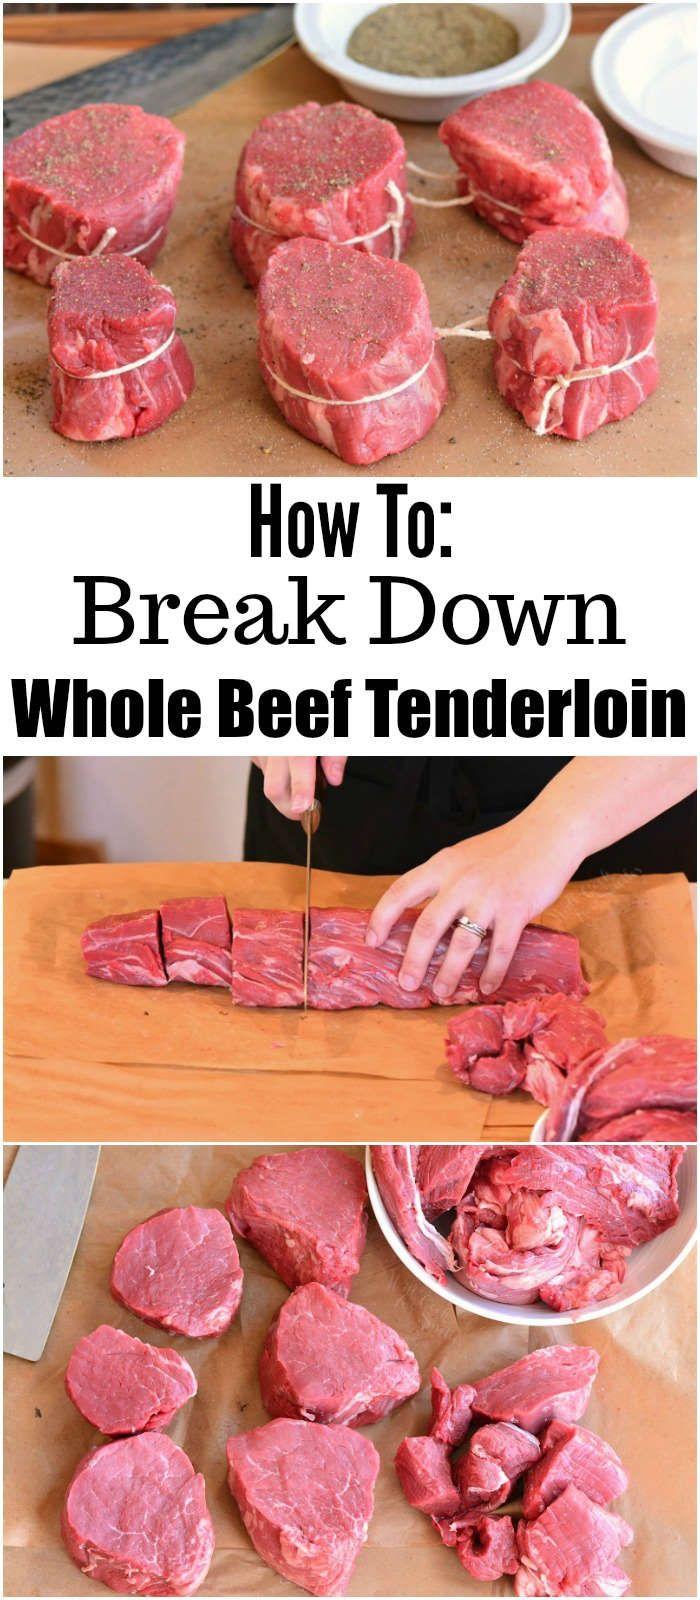 How To Break Down A Whole Beef Tenderloin